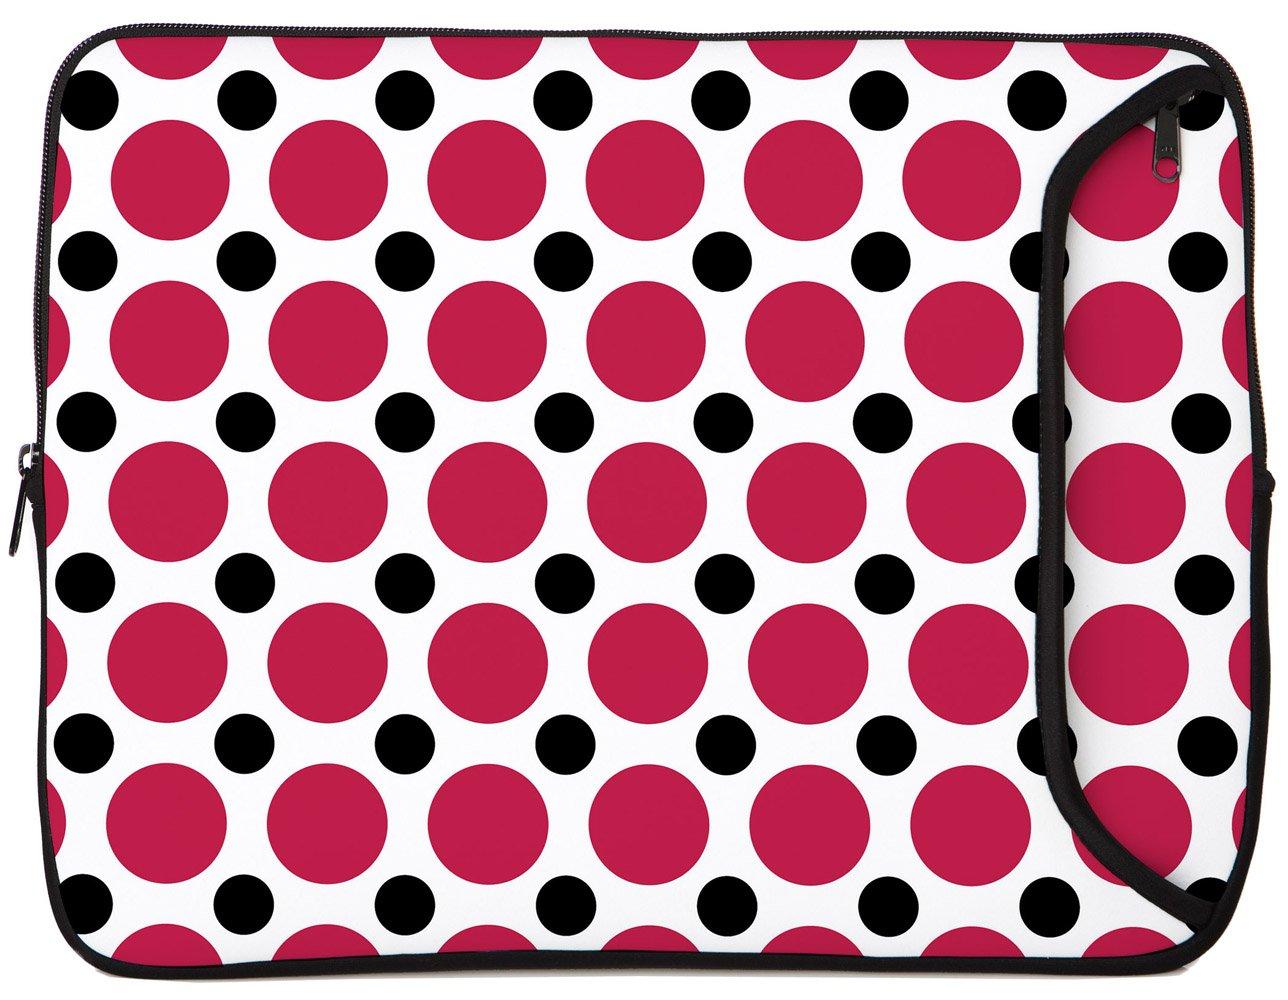 Designer Sleeves 15.6 Neoprene Laptop Bag Case with Zippered Pocket Polka Dots 15DS-PDPB Pink /& Black